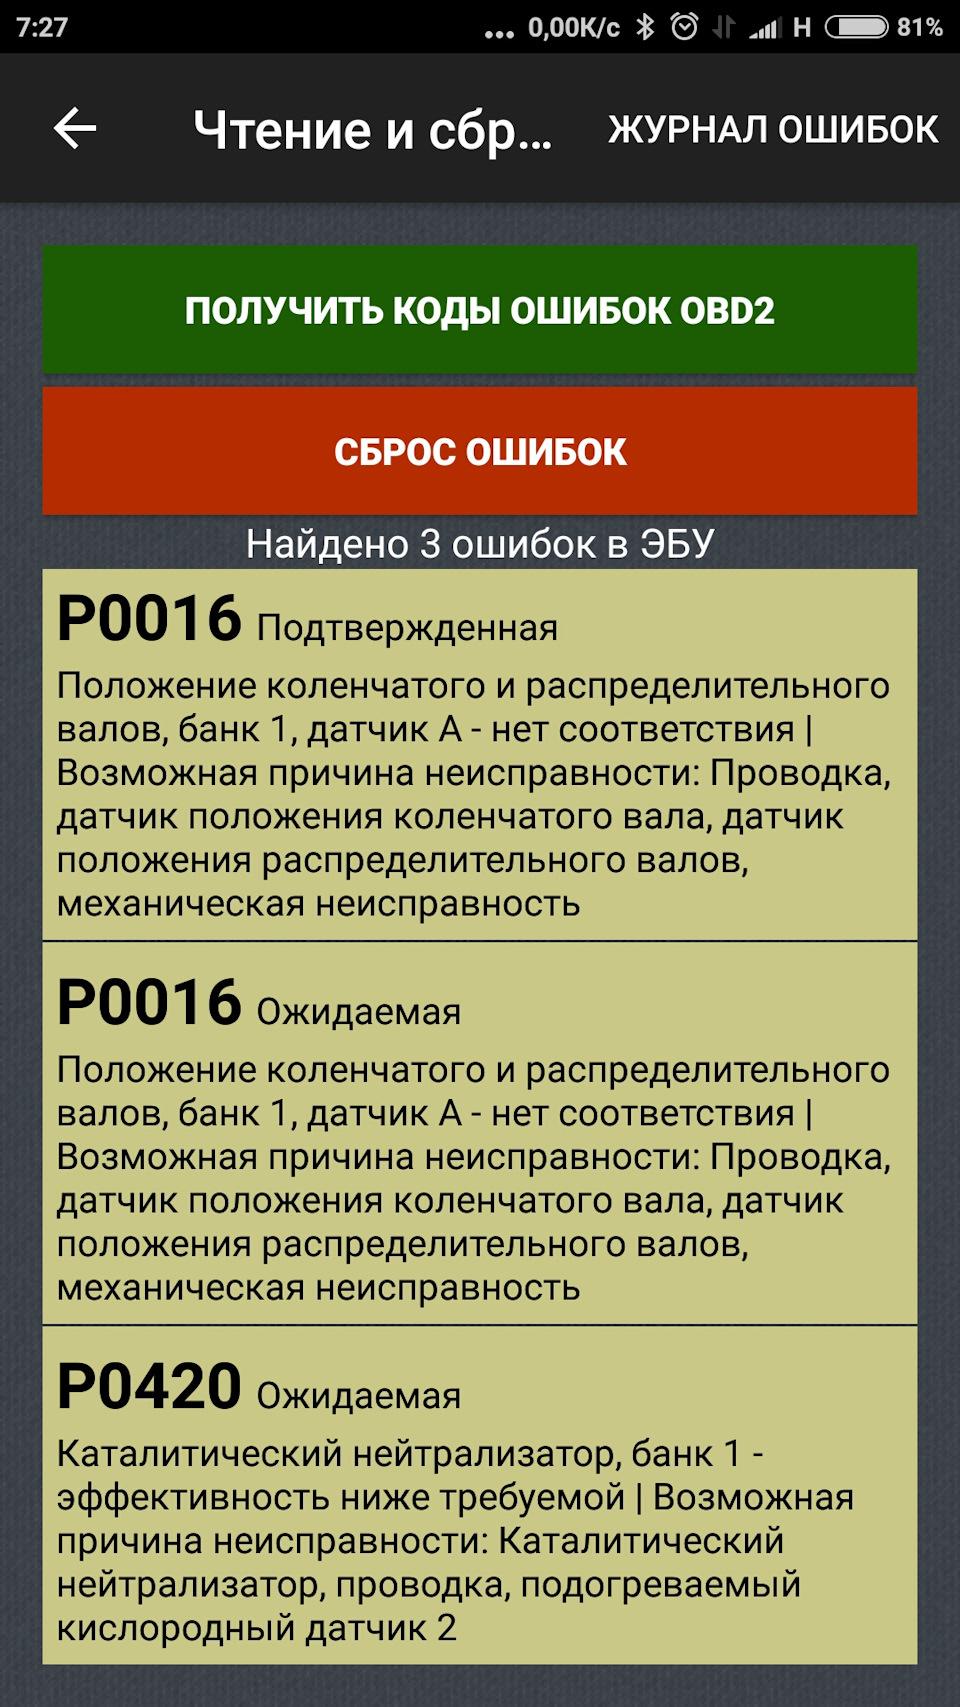 Ошибка p0016